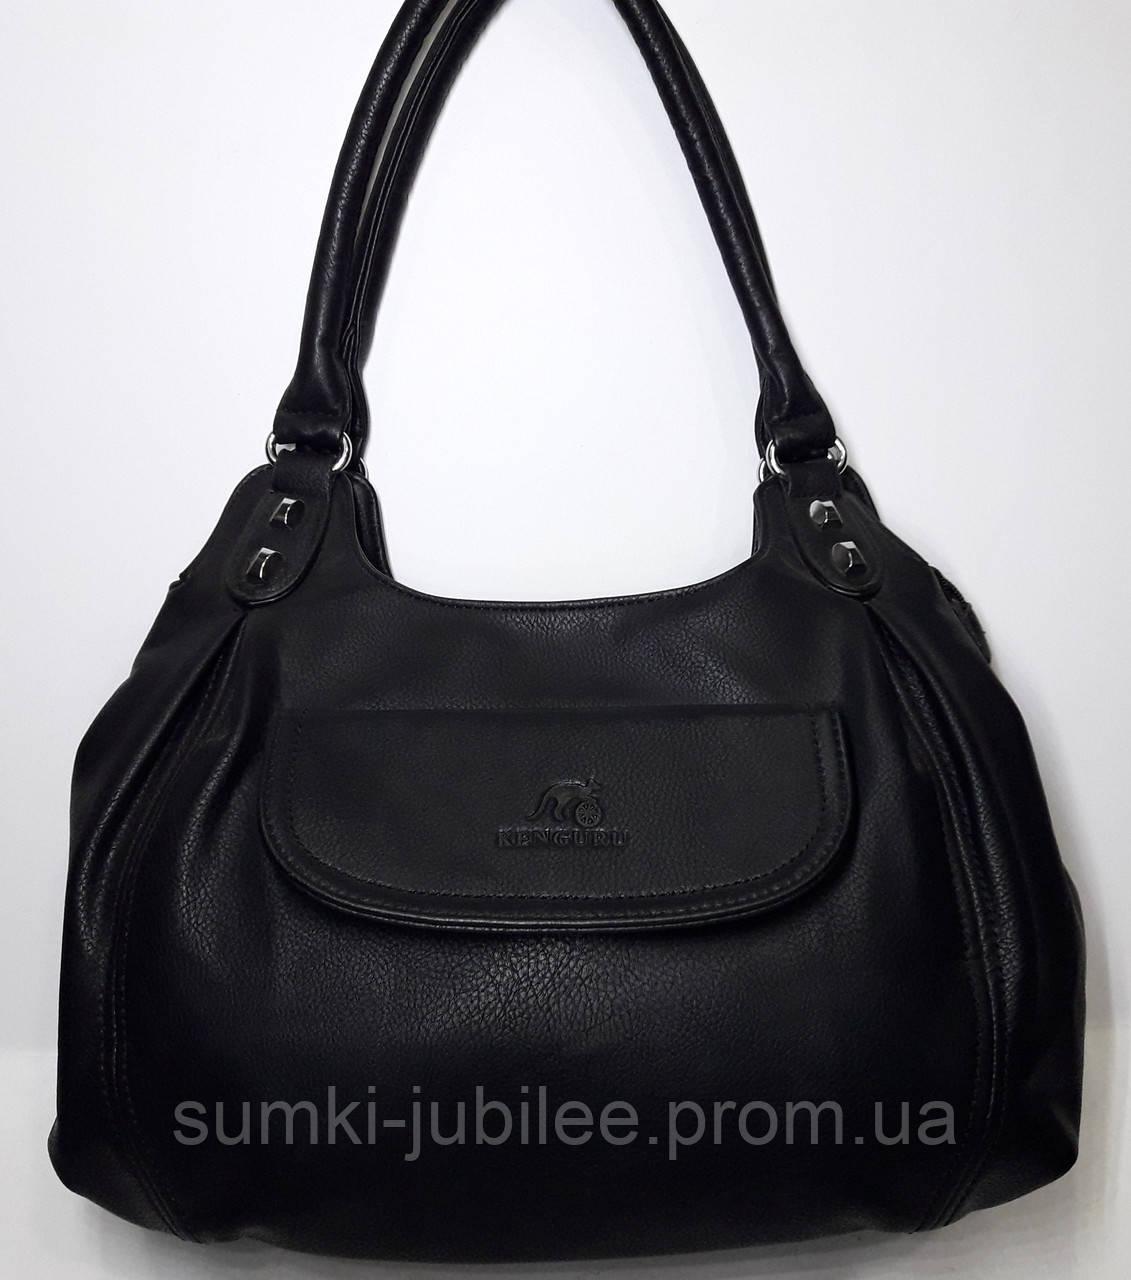 df4be2820bde Женская сумка реплика Kenguru - Интернет-магазин